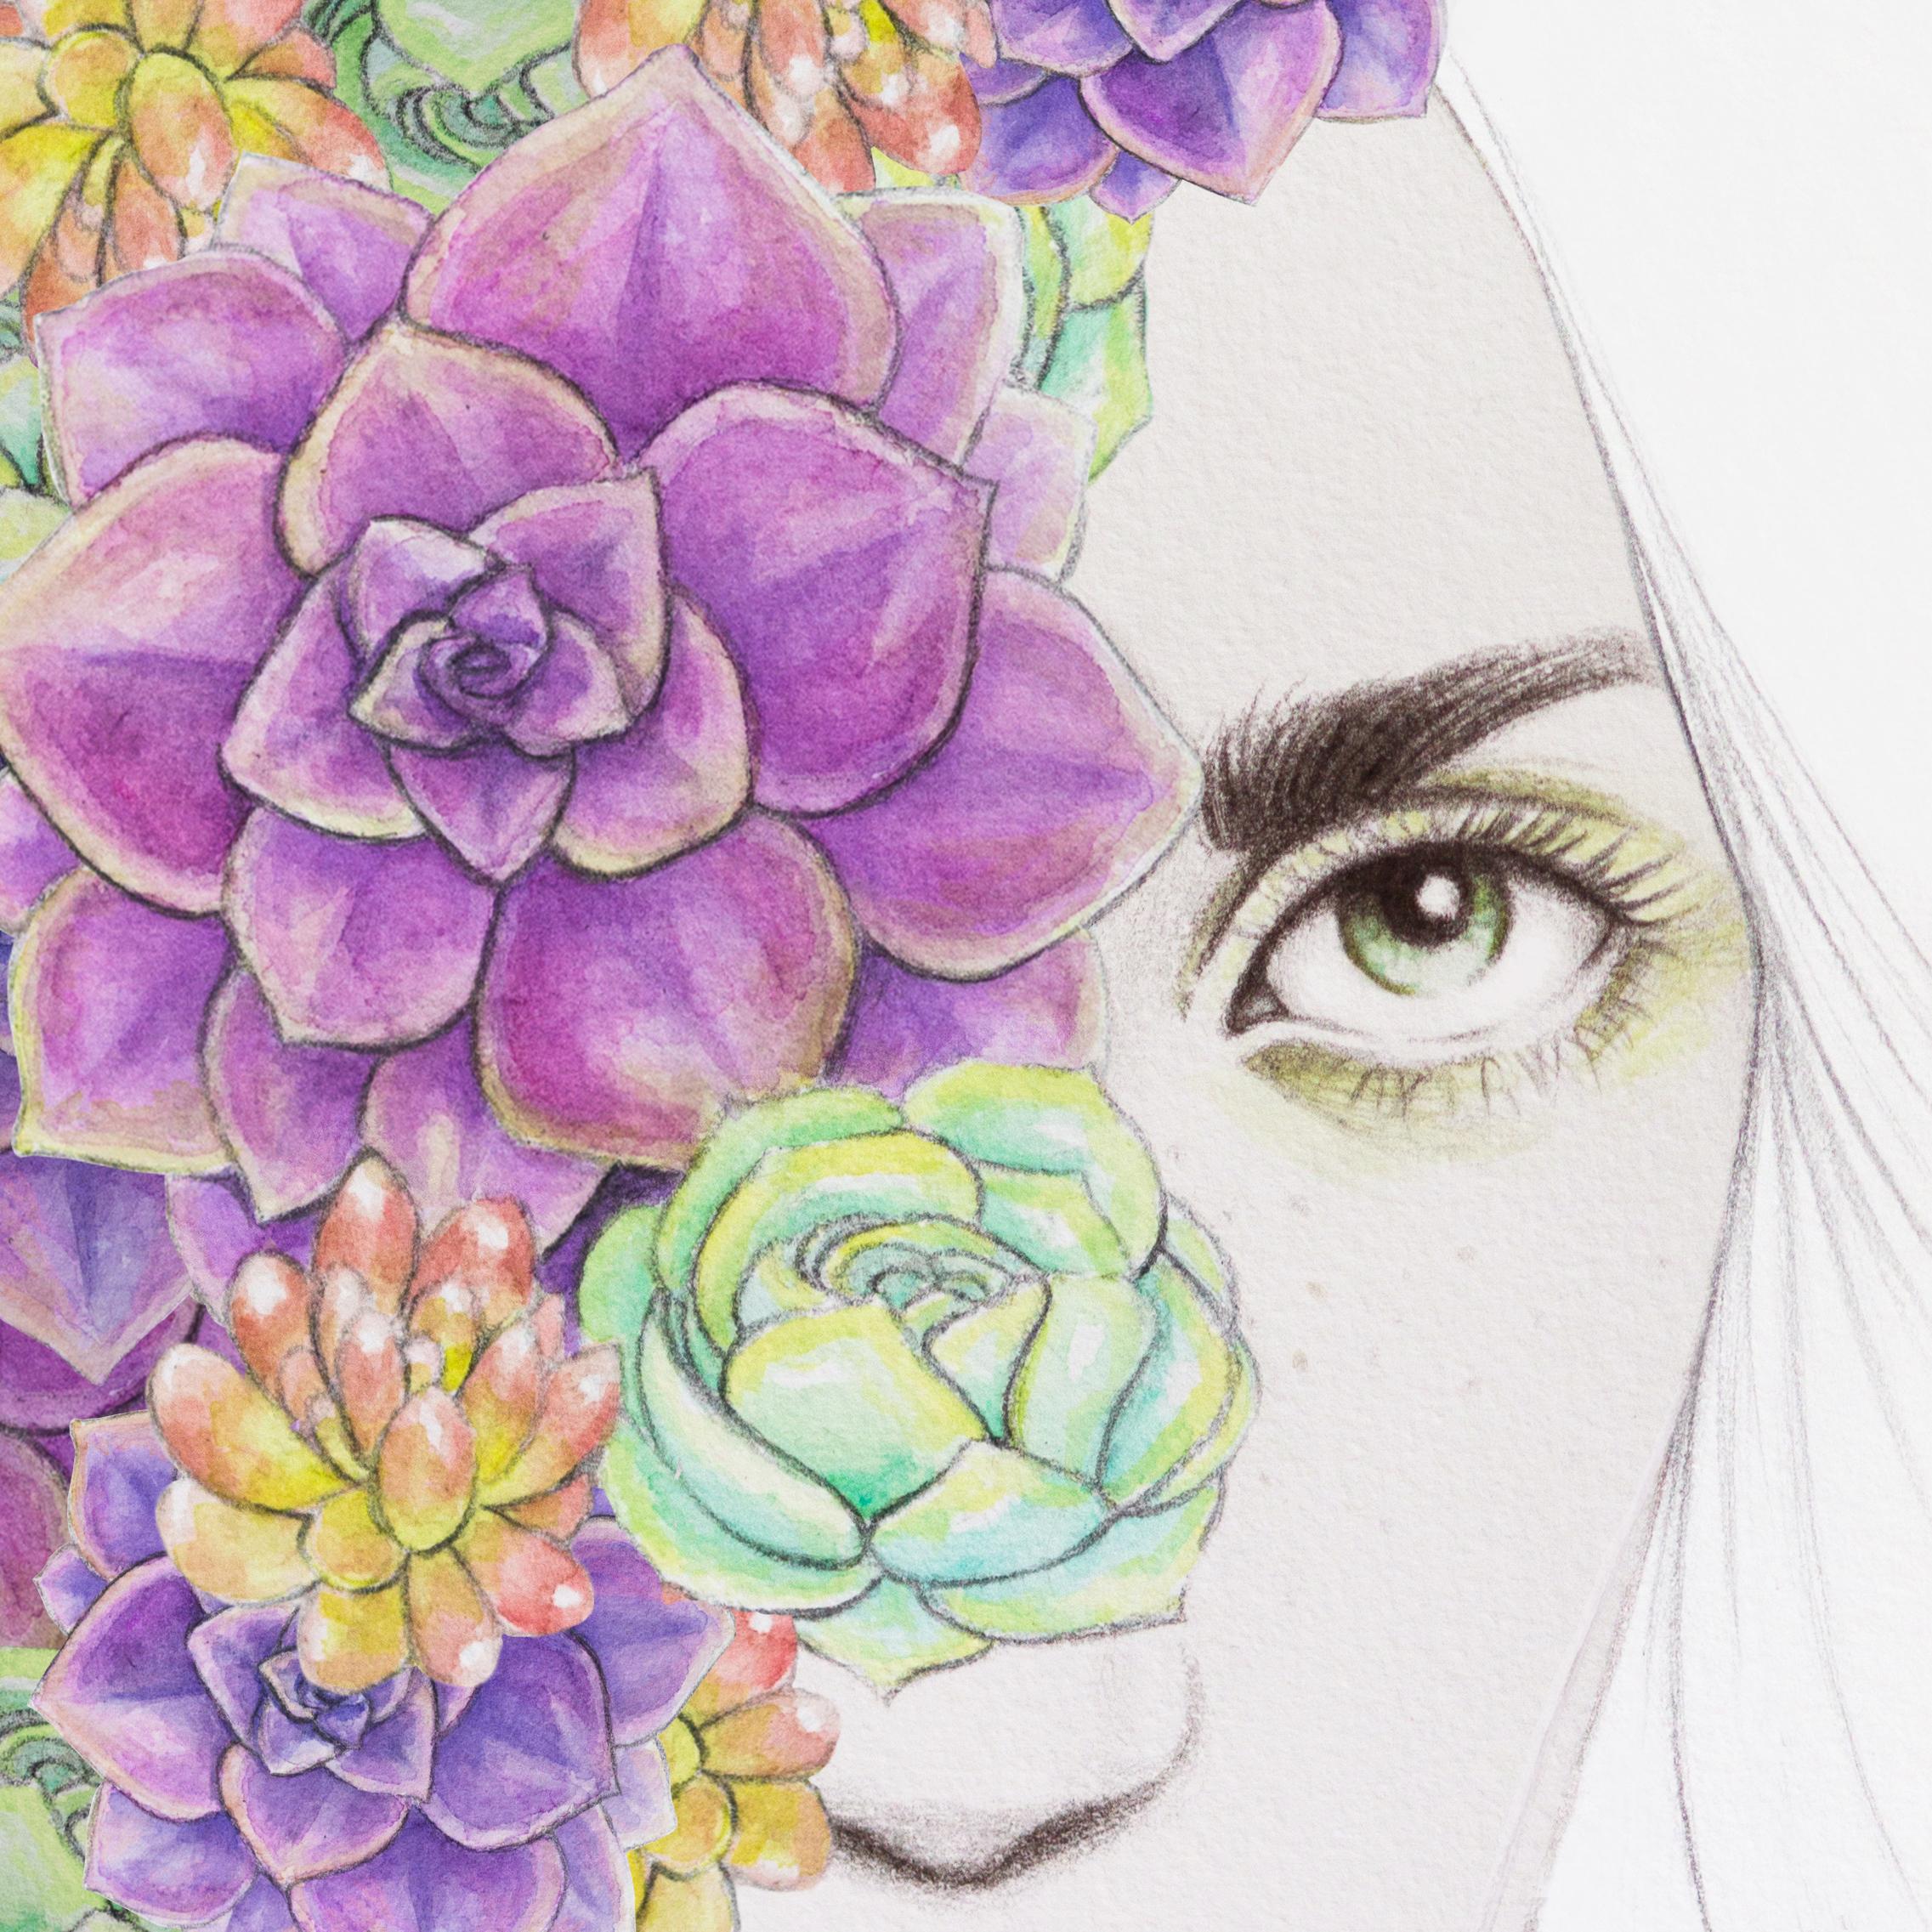 Succulent Girl in a Technicolor Dream World